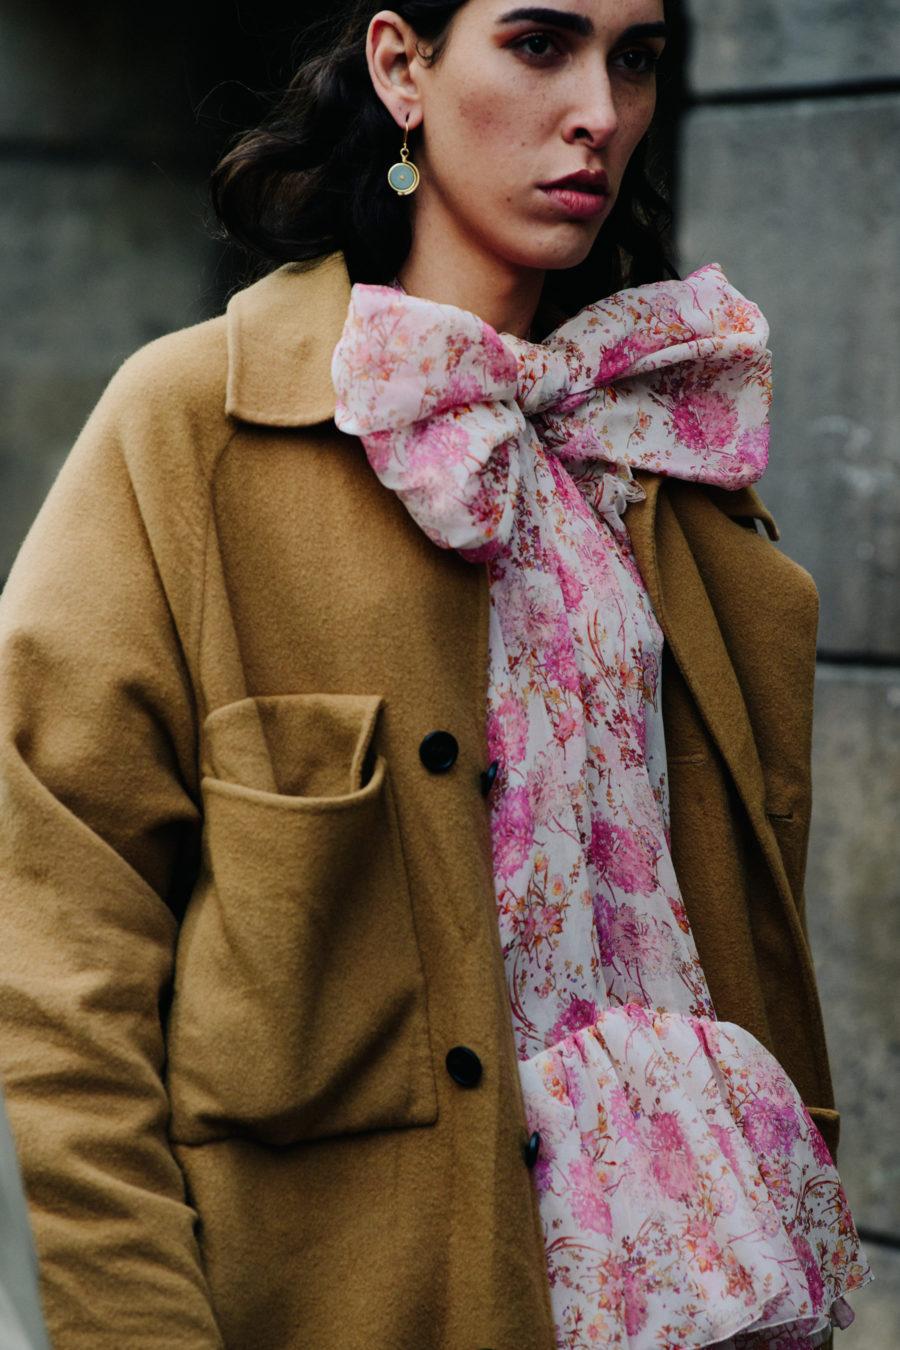 Woman wearing pink scarf